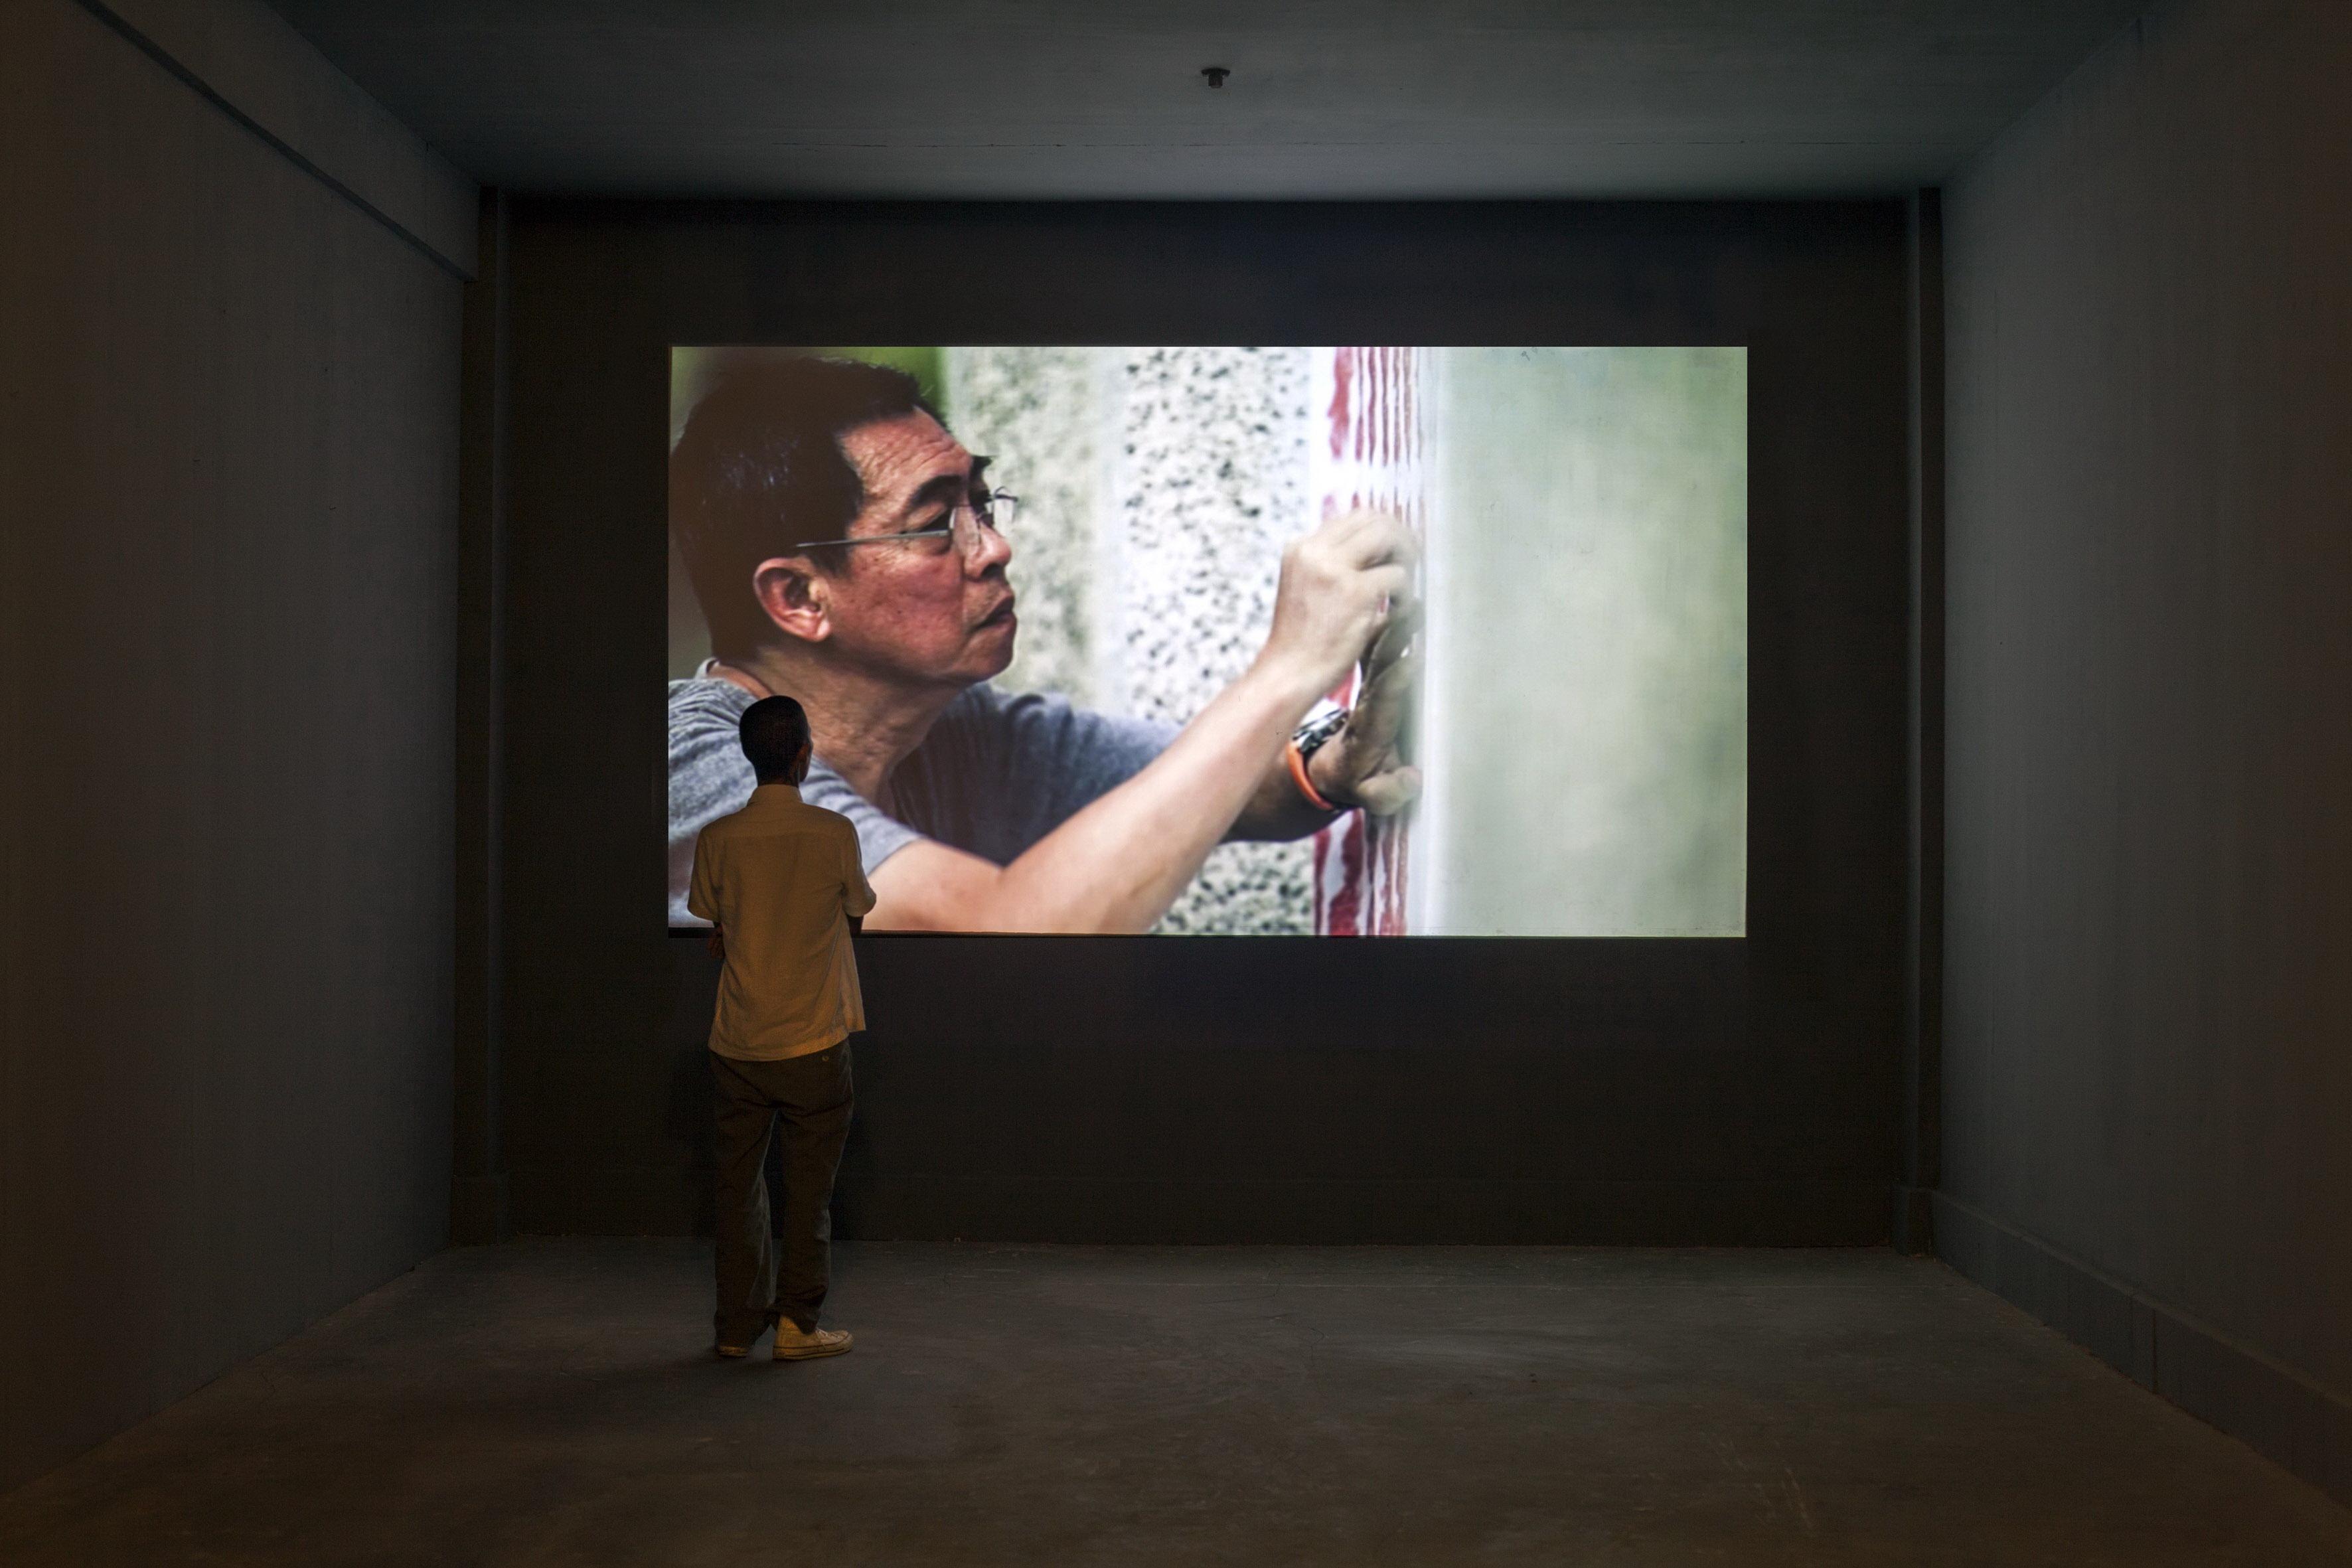 F.X. Harsono yang Berjuang untuk Kemanusiaan Melalui Seni